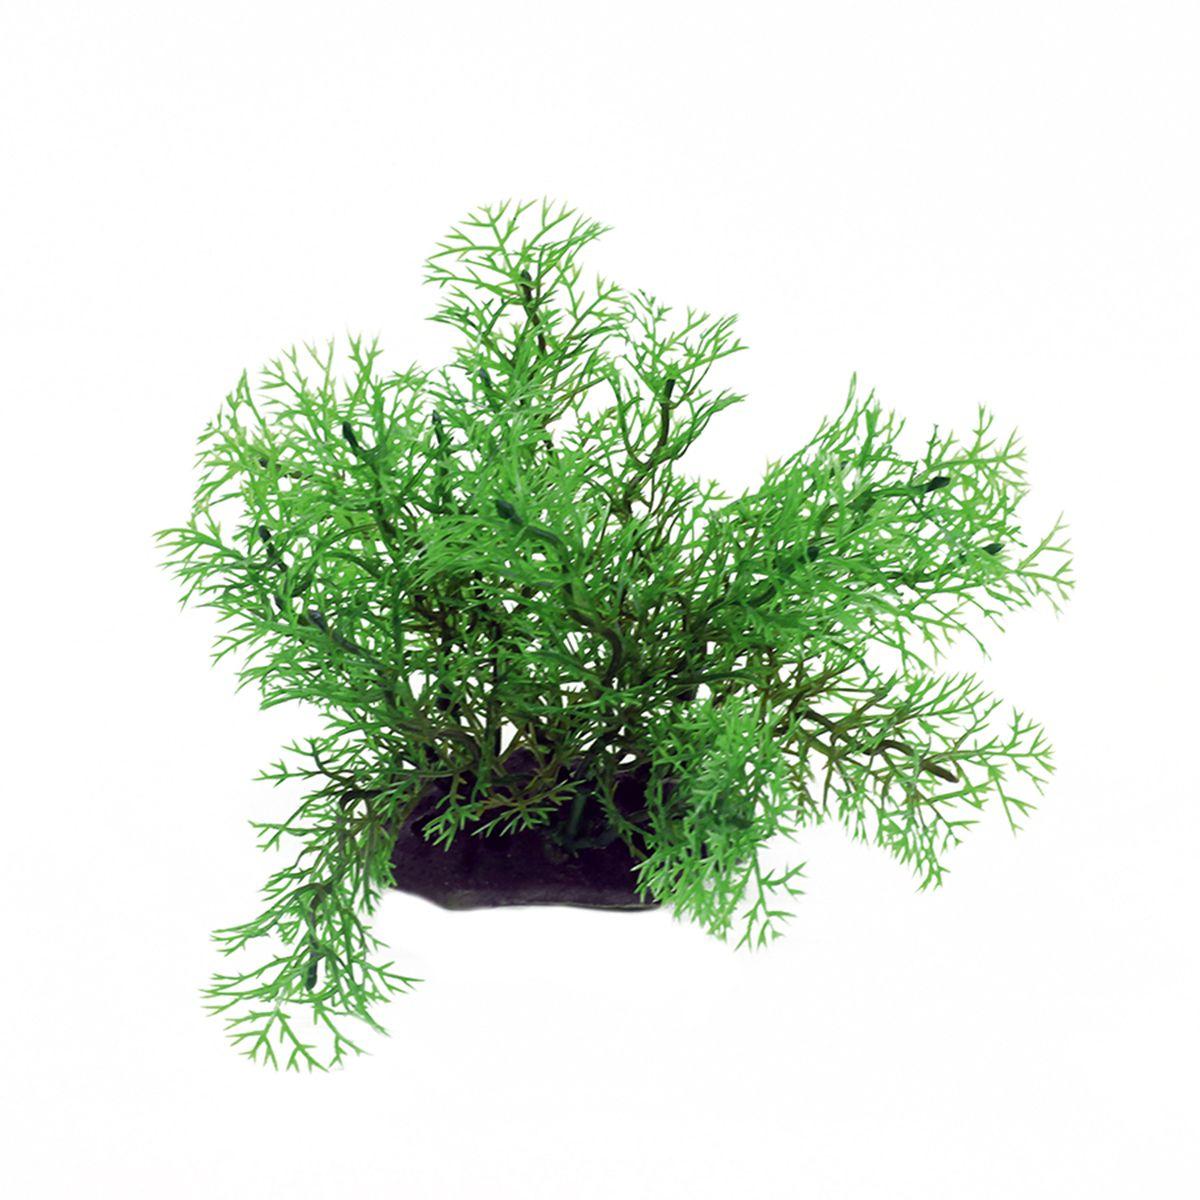 Растение для аквариума ArtUniq Перистолистник, высота 10-12 смART-1192102Растение для аквариума ArtUniq Перистолистник, высота 10-12 см